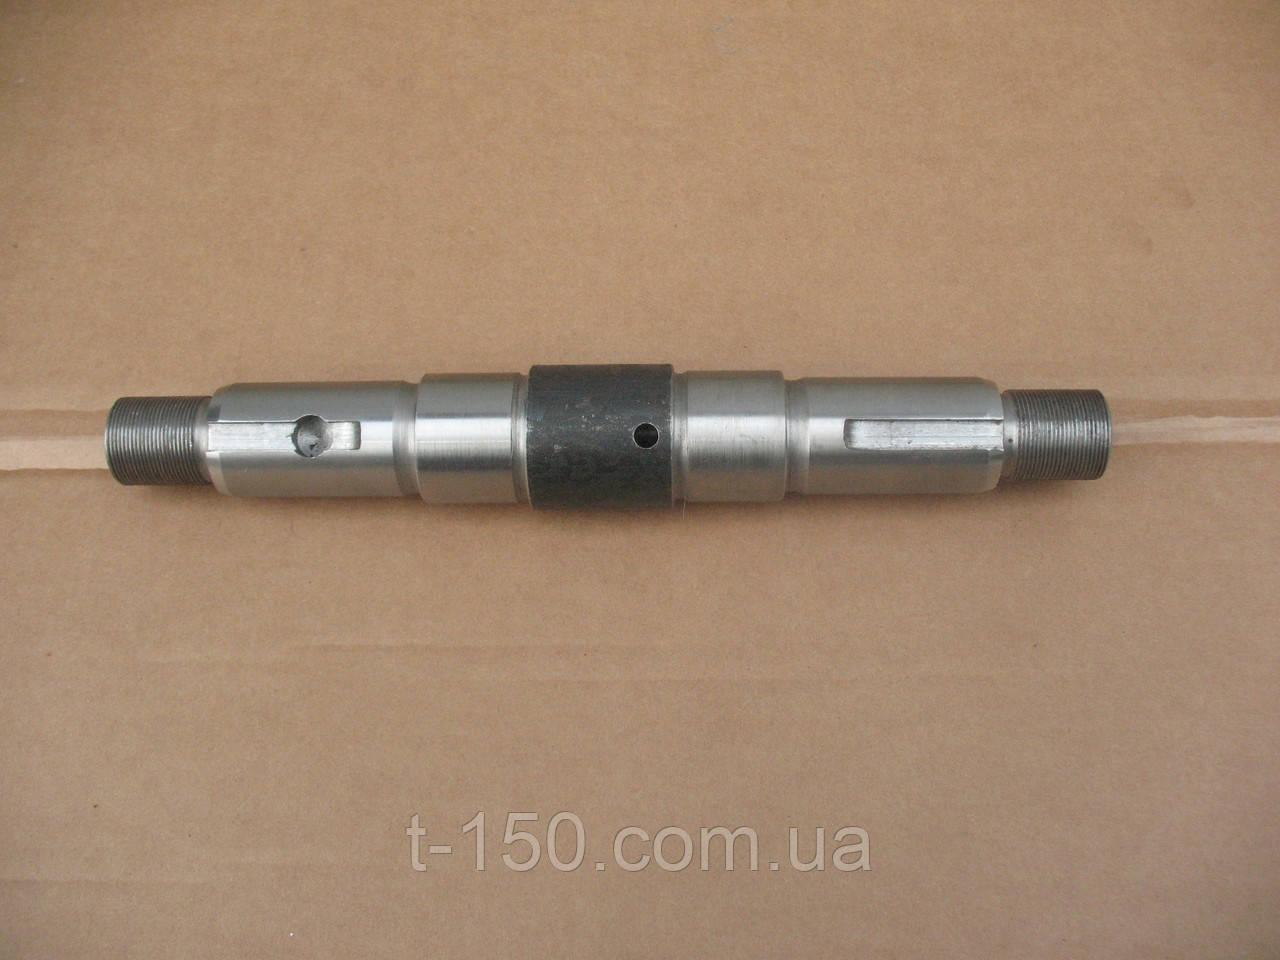 Ось катка ДТ-75 с отв. (универсальная) (85.31.119А)